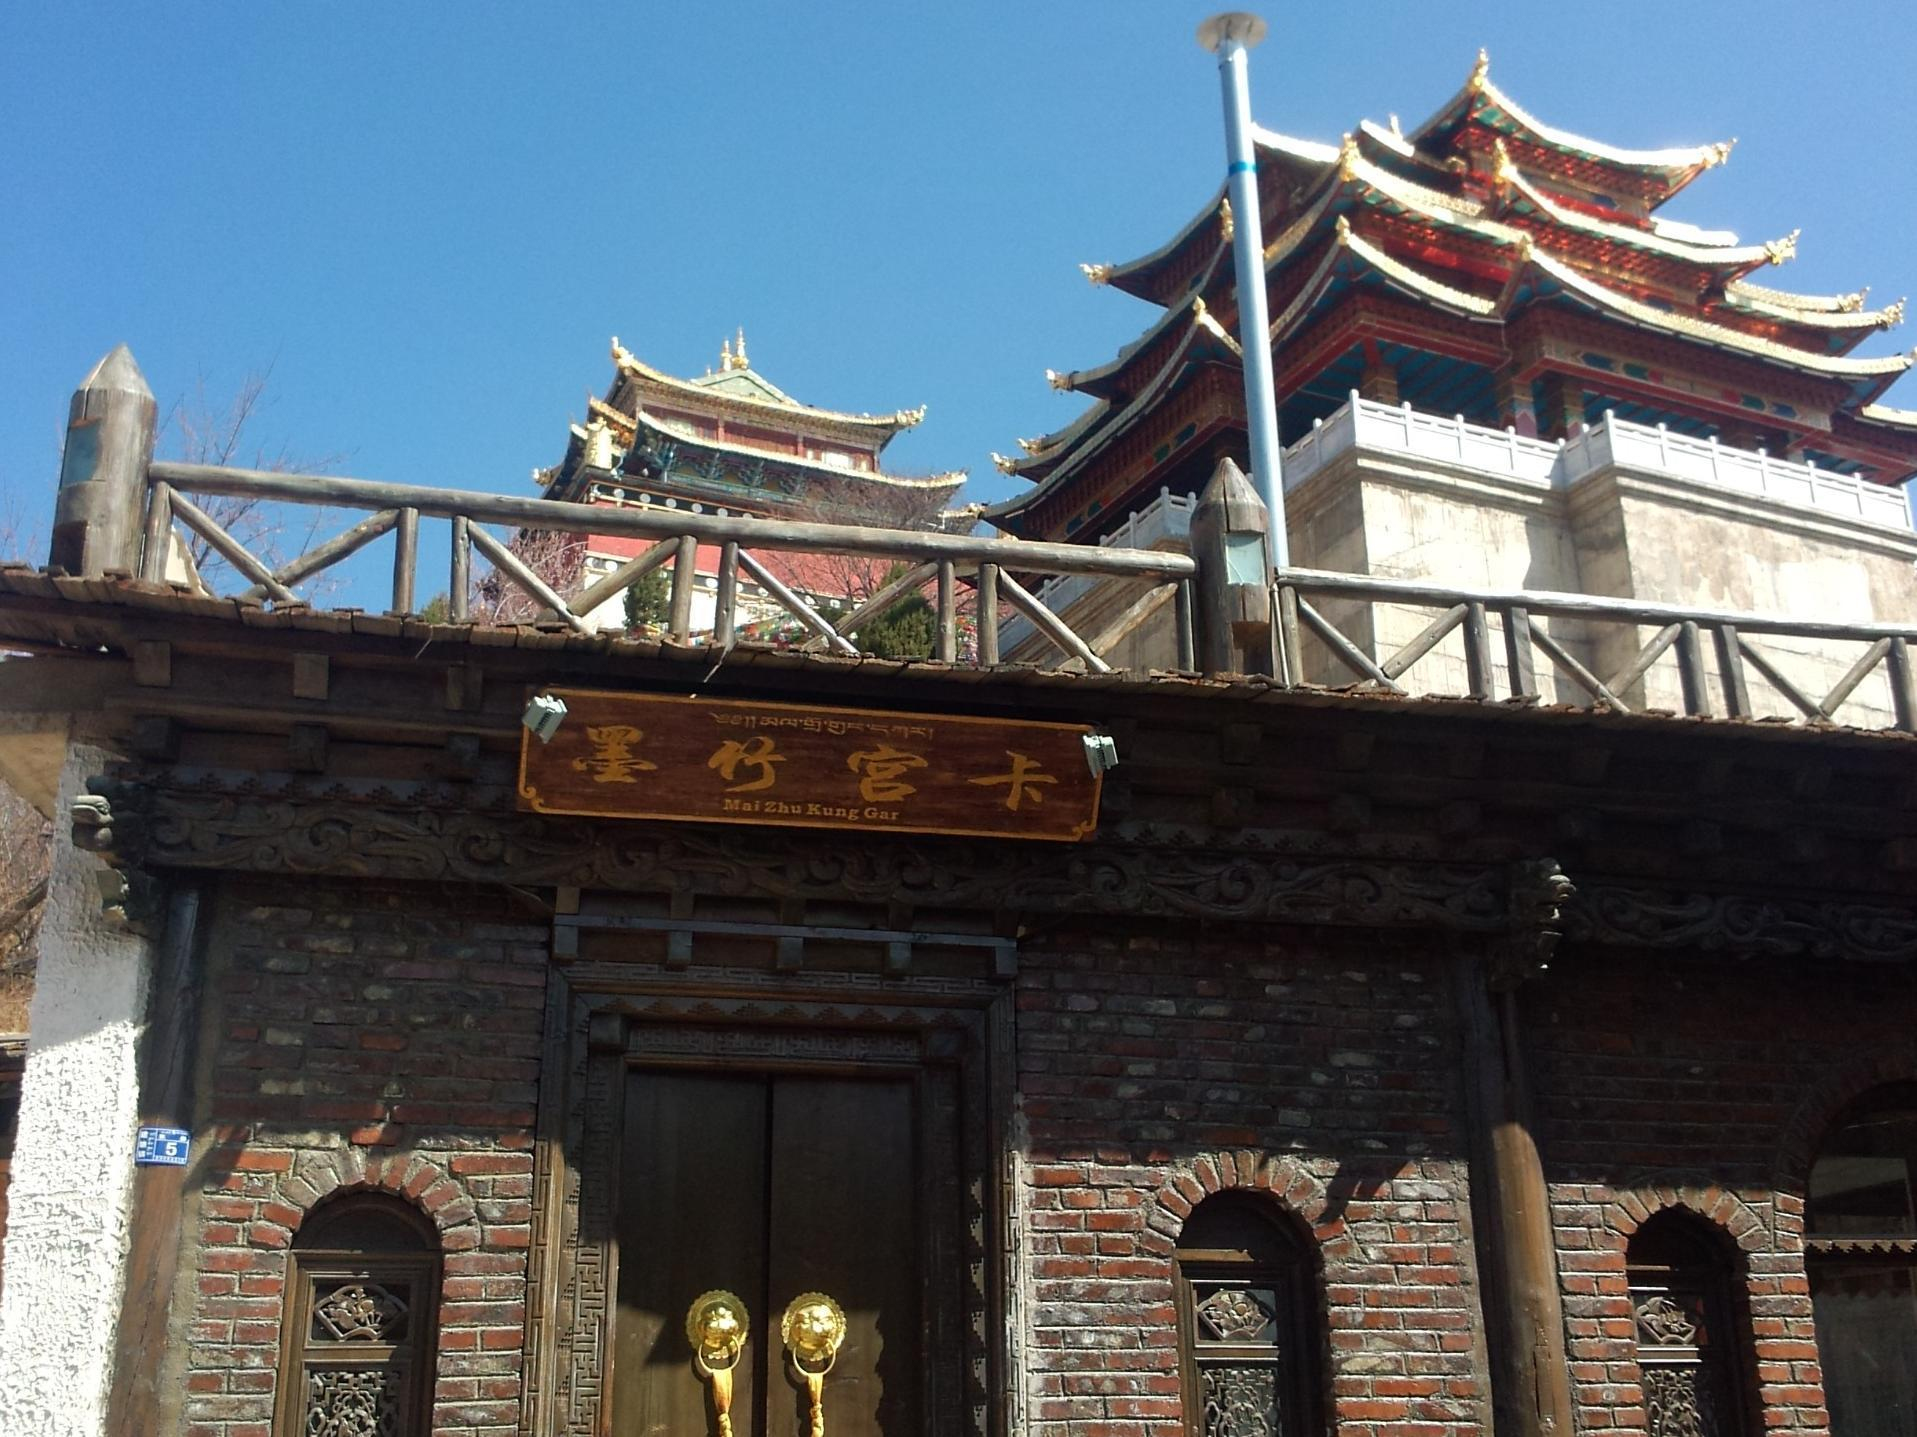 Shangri La Mai Zhu Kung Gar Hotel